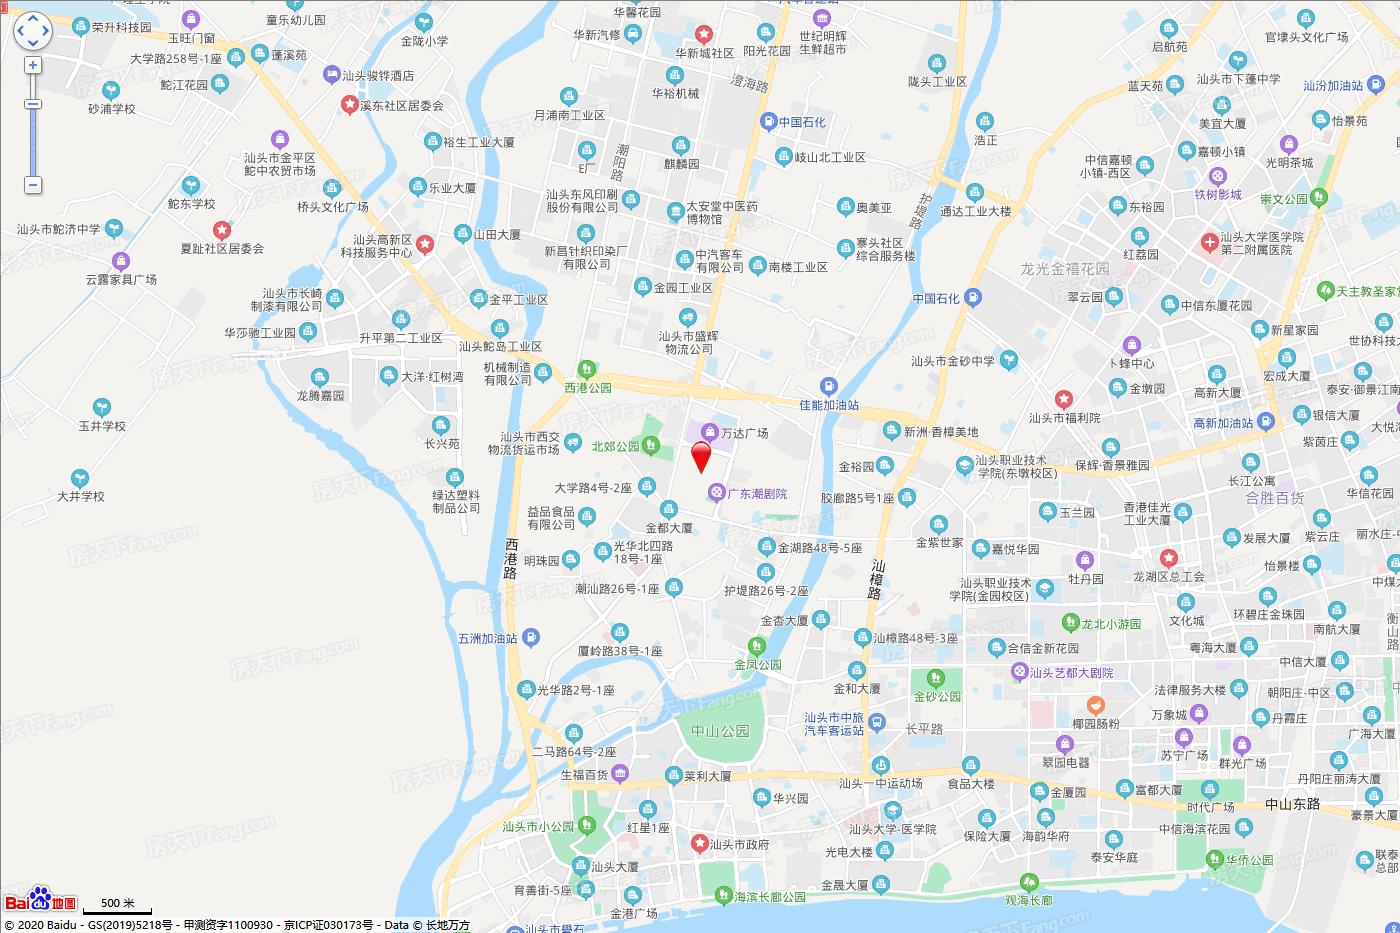 敏捷潮汕路项目怎么样 敏捷潮汕路项目二手房出售